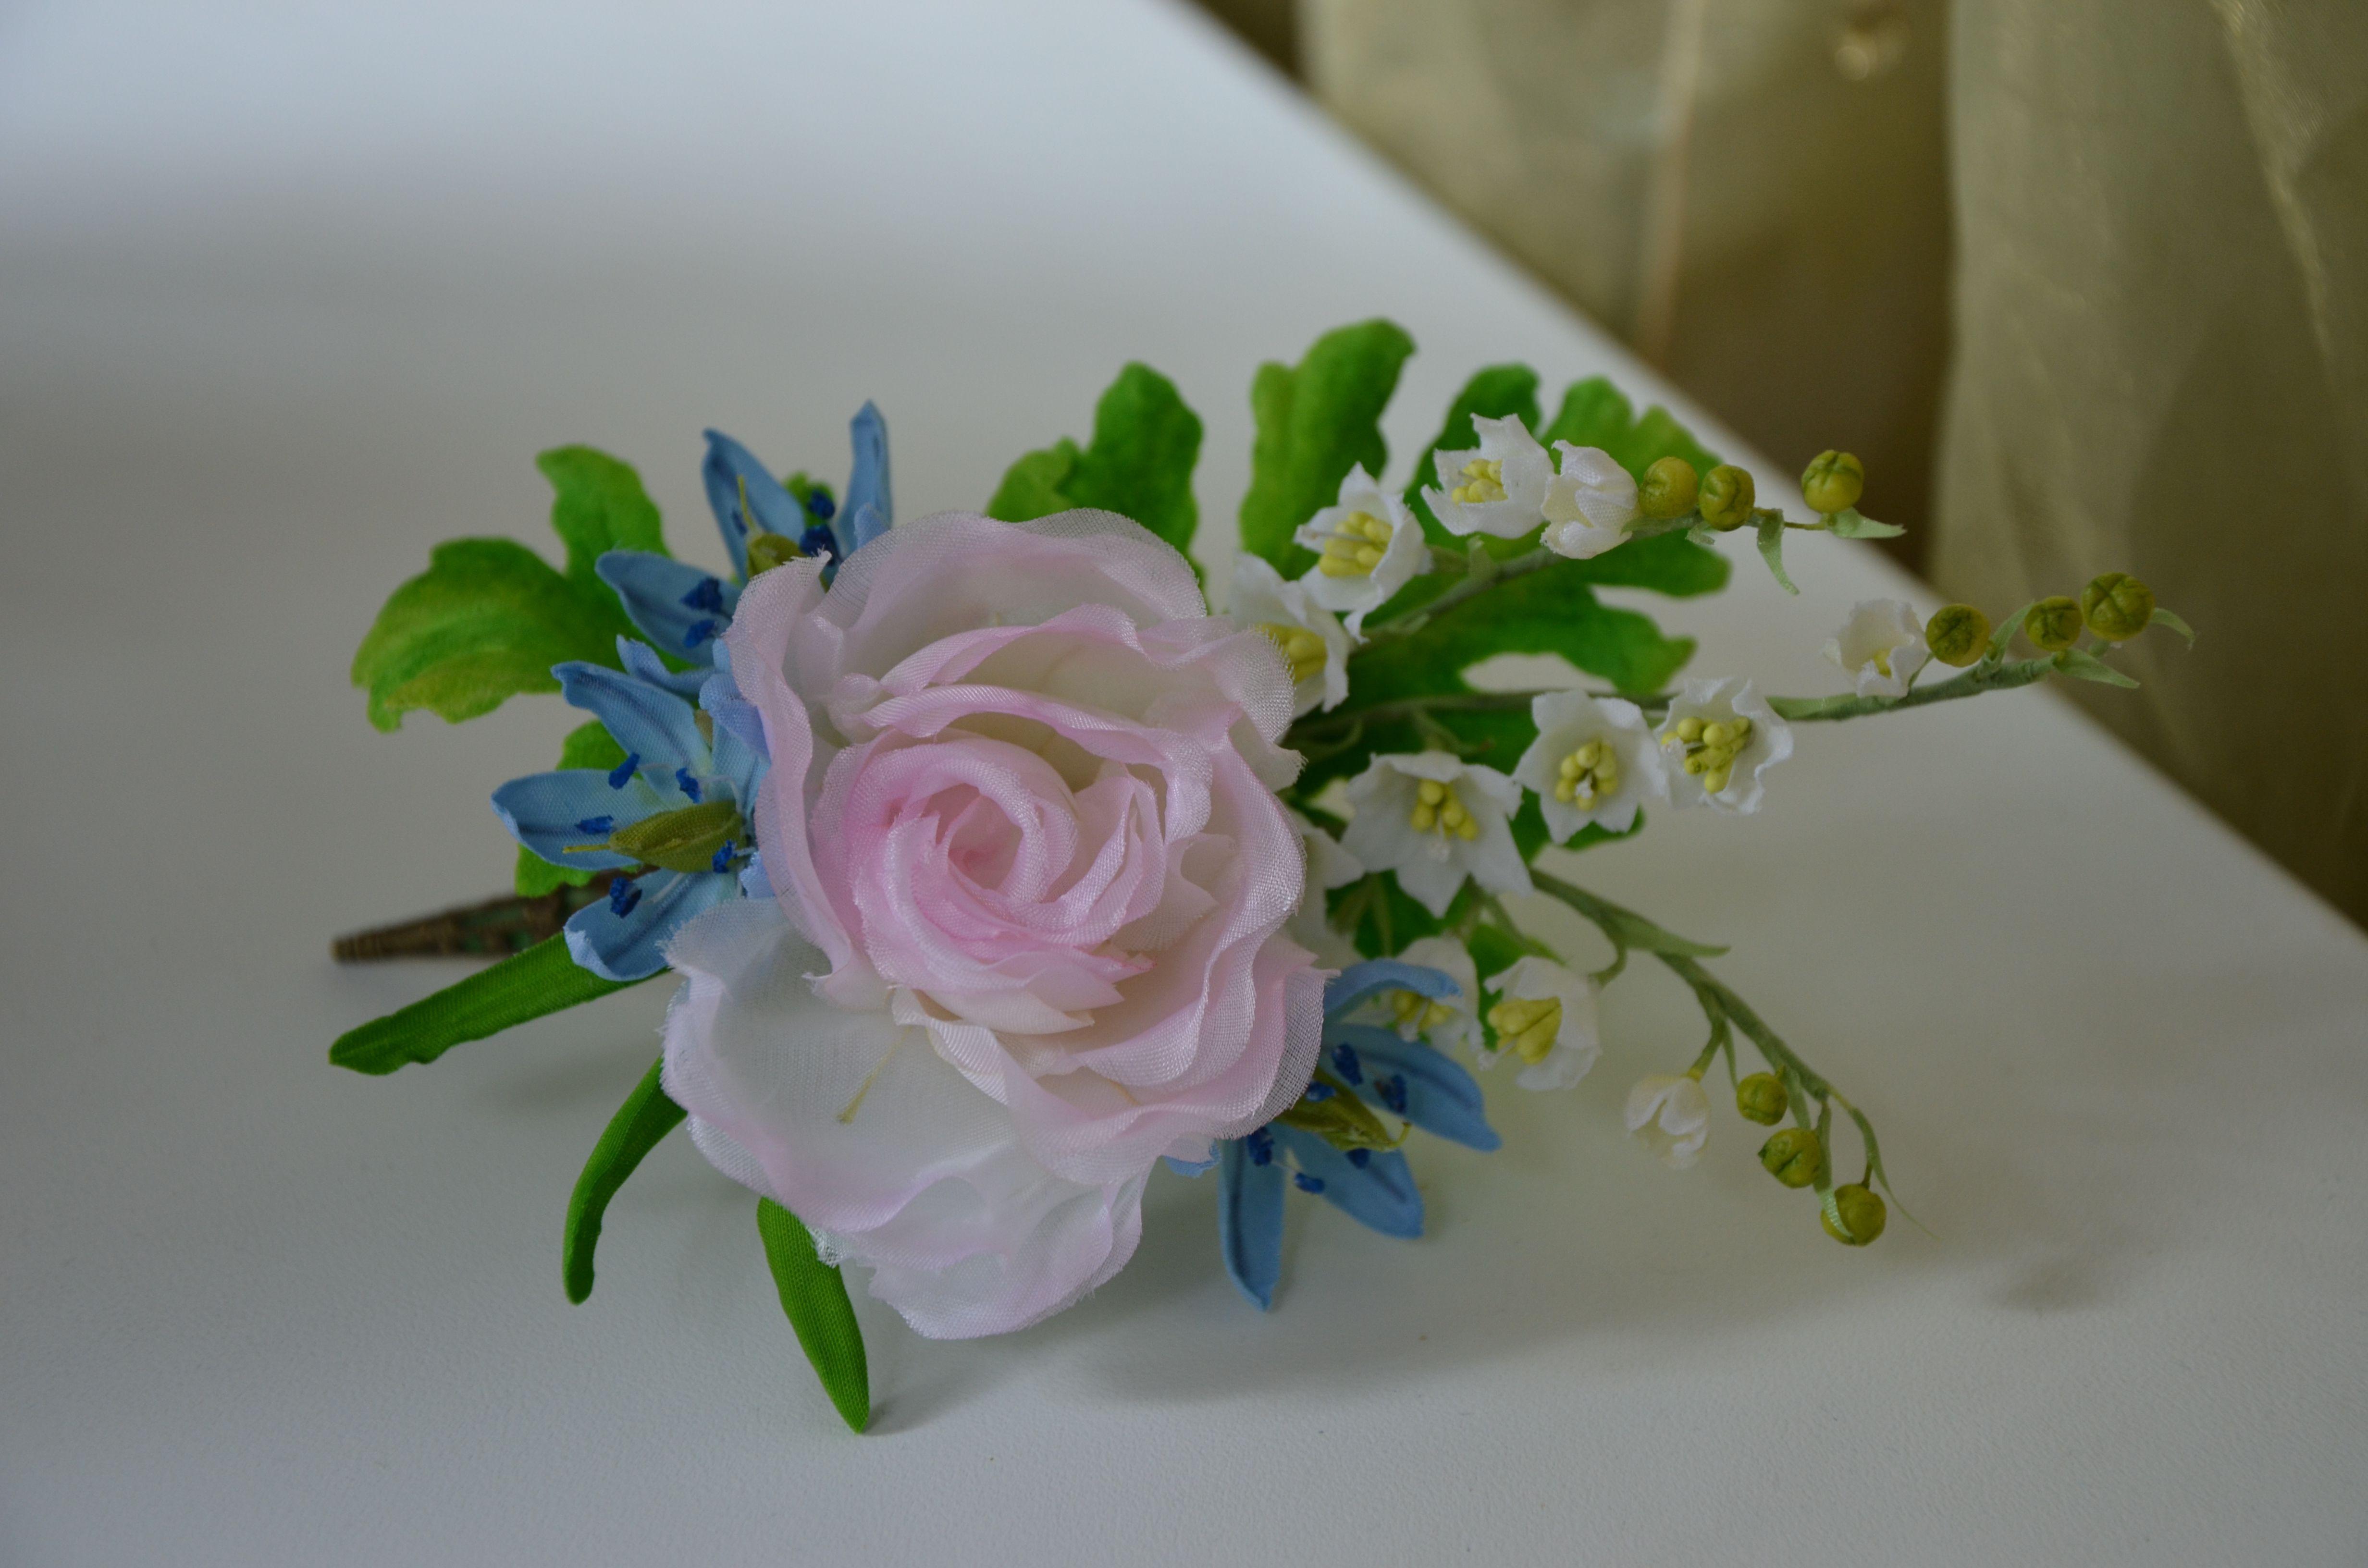 шелк бутоньерка аксессуар флористика брошь цветы